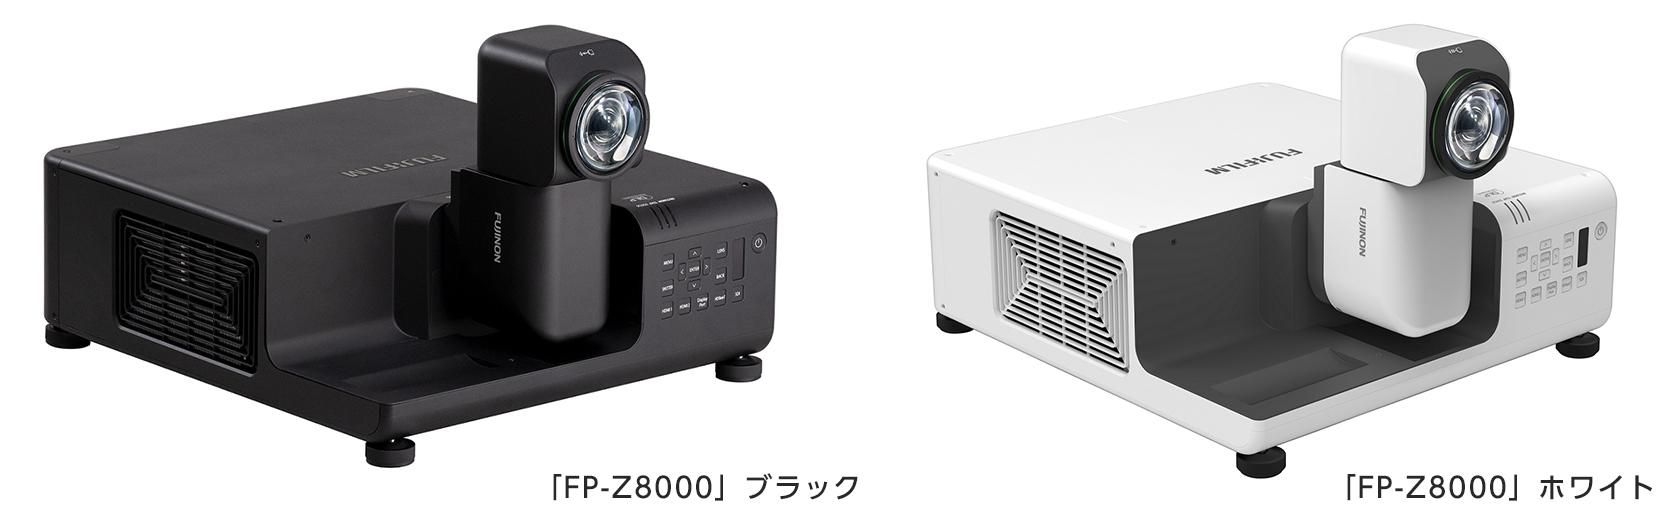 [画像]「FP-Z8000」ブラック/「FP-Z8000」ホワイト